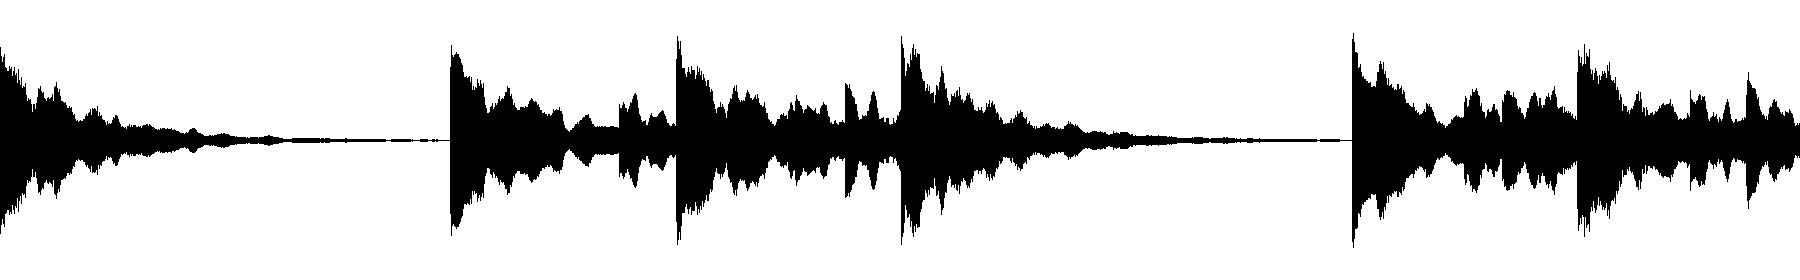 syn6 114